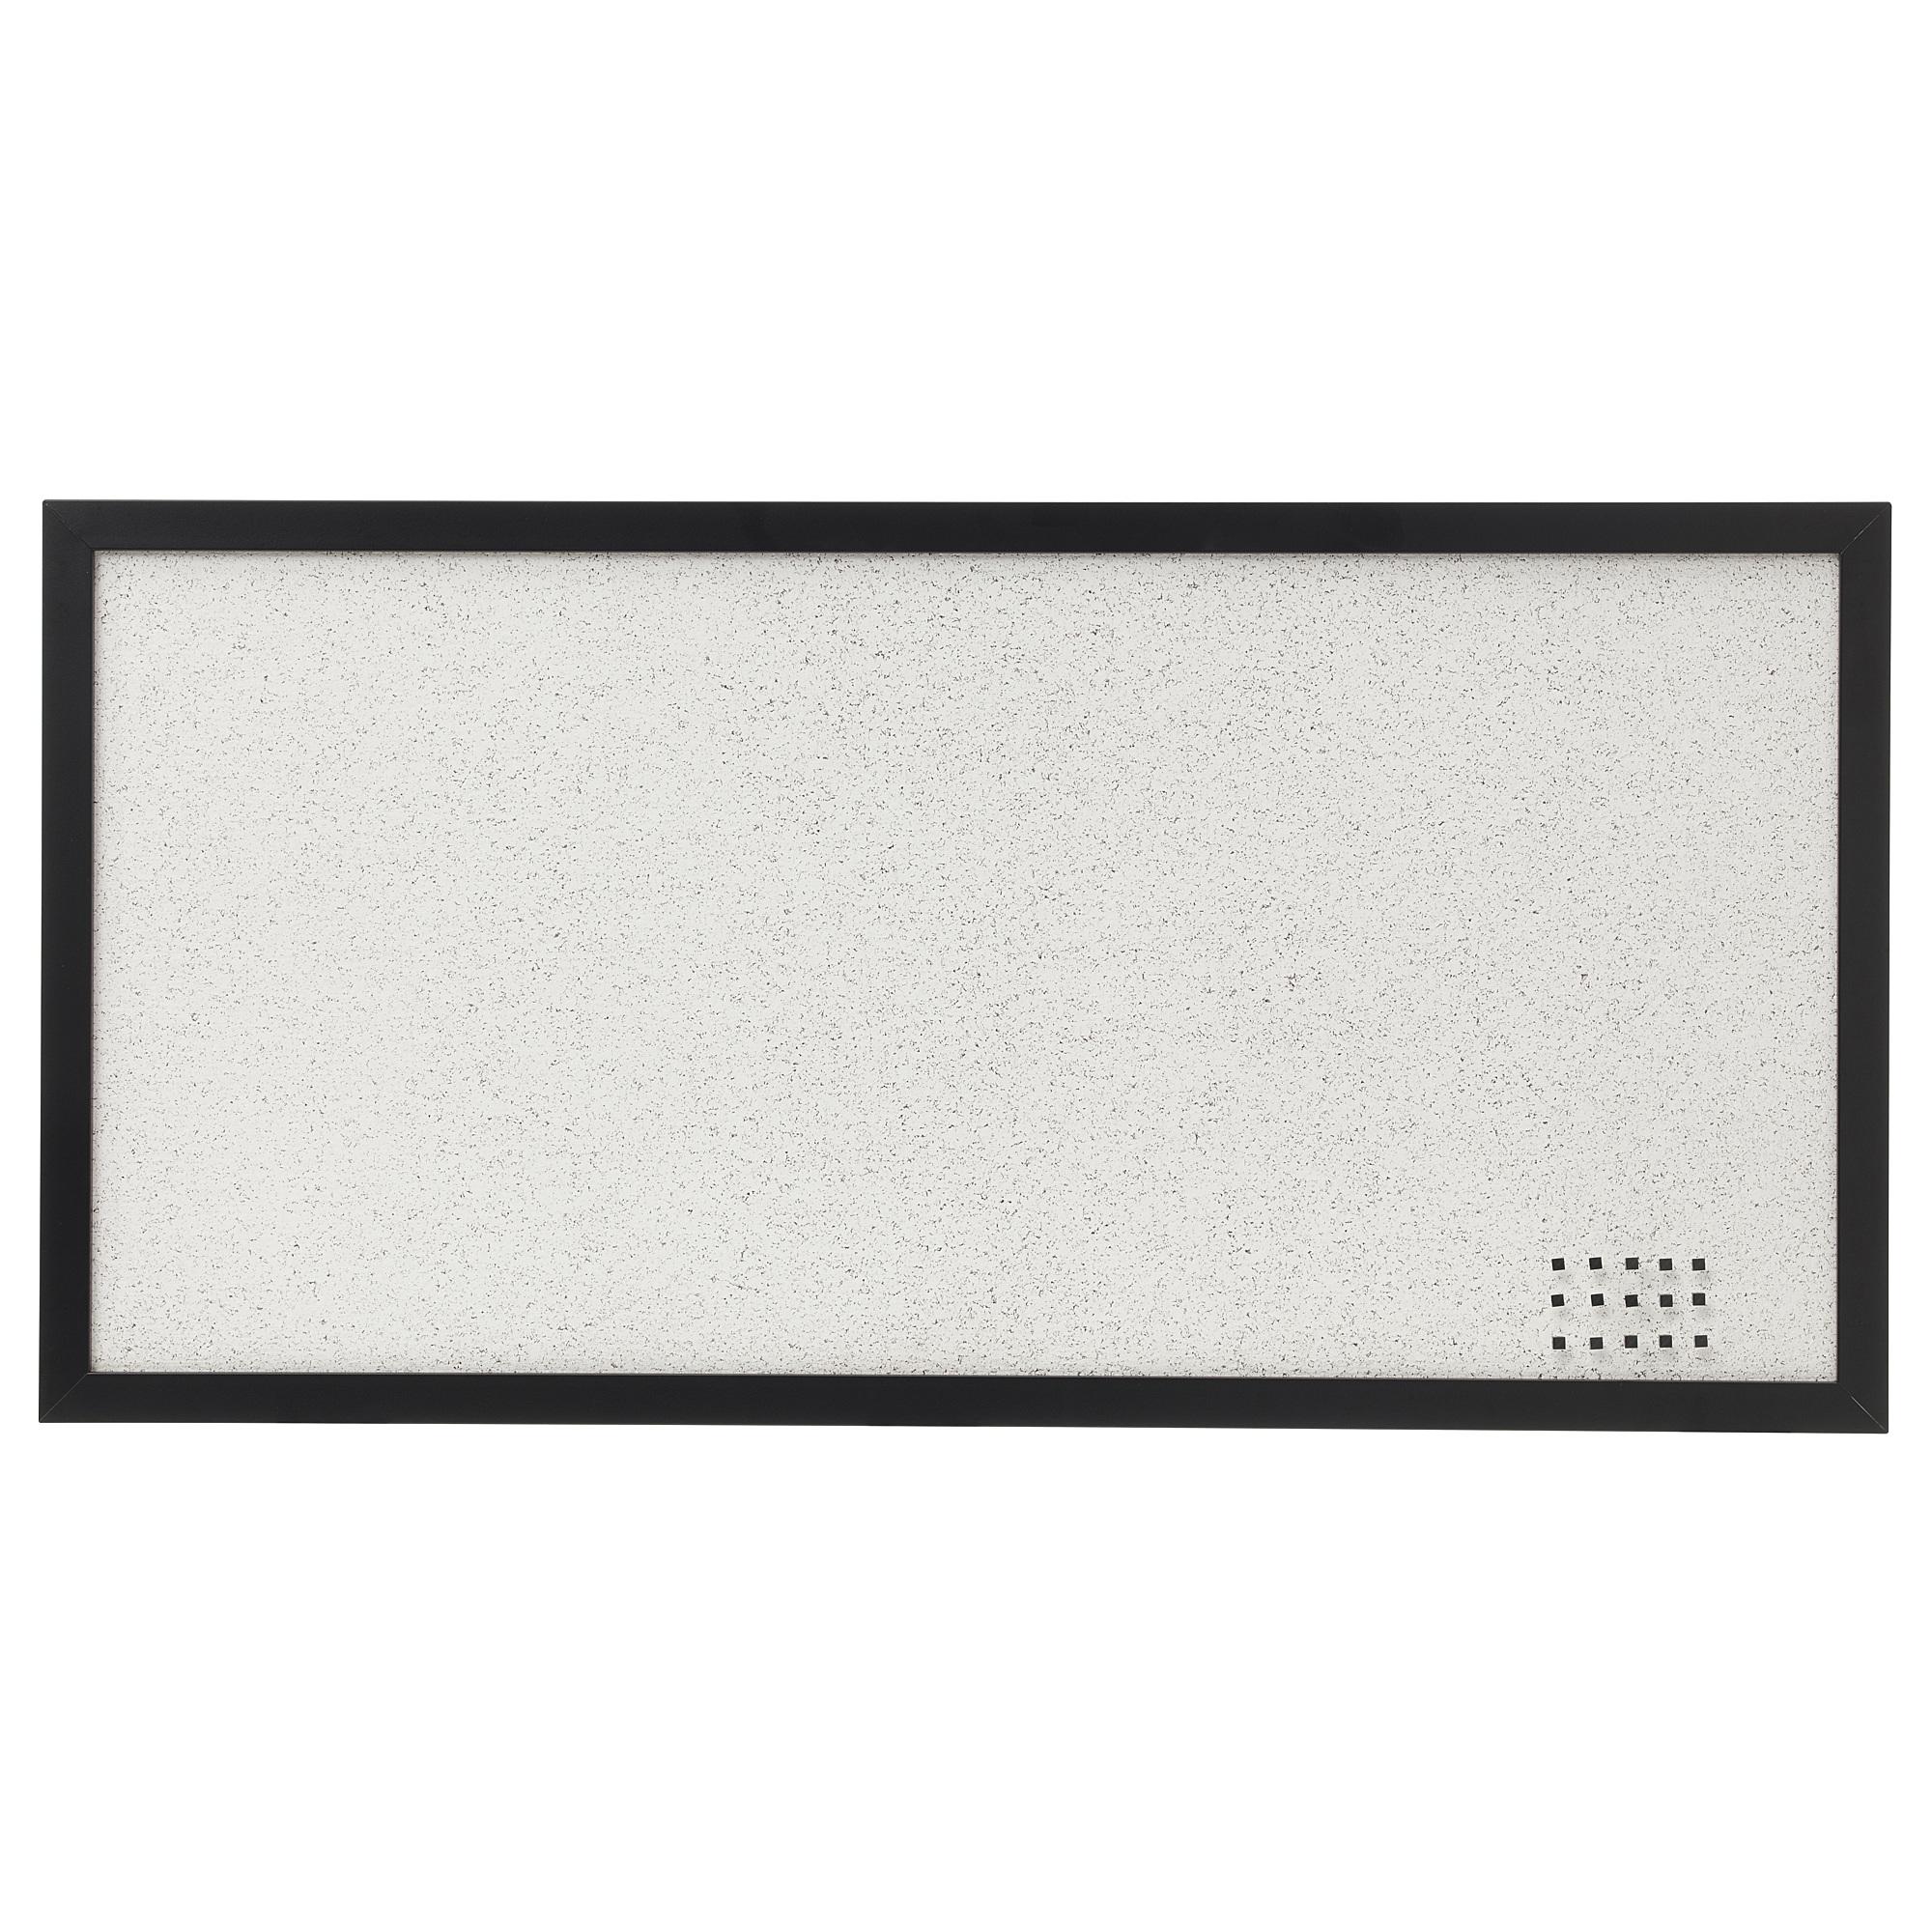 Стенд СПЭНСТ, белый/черный (90×45 см)